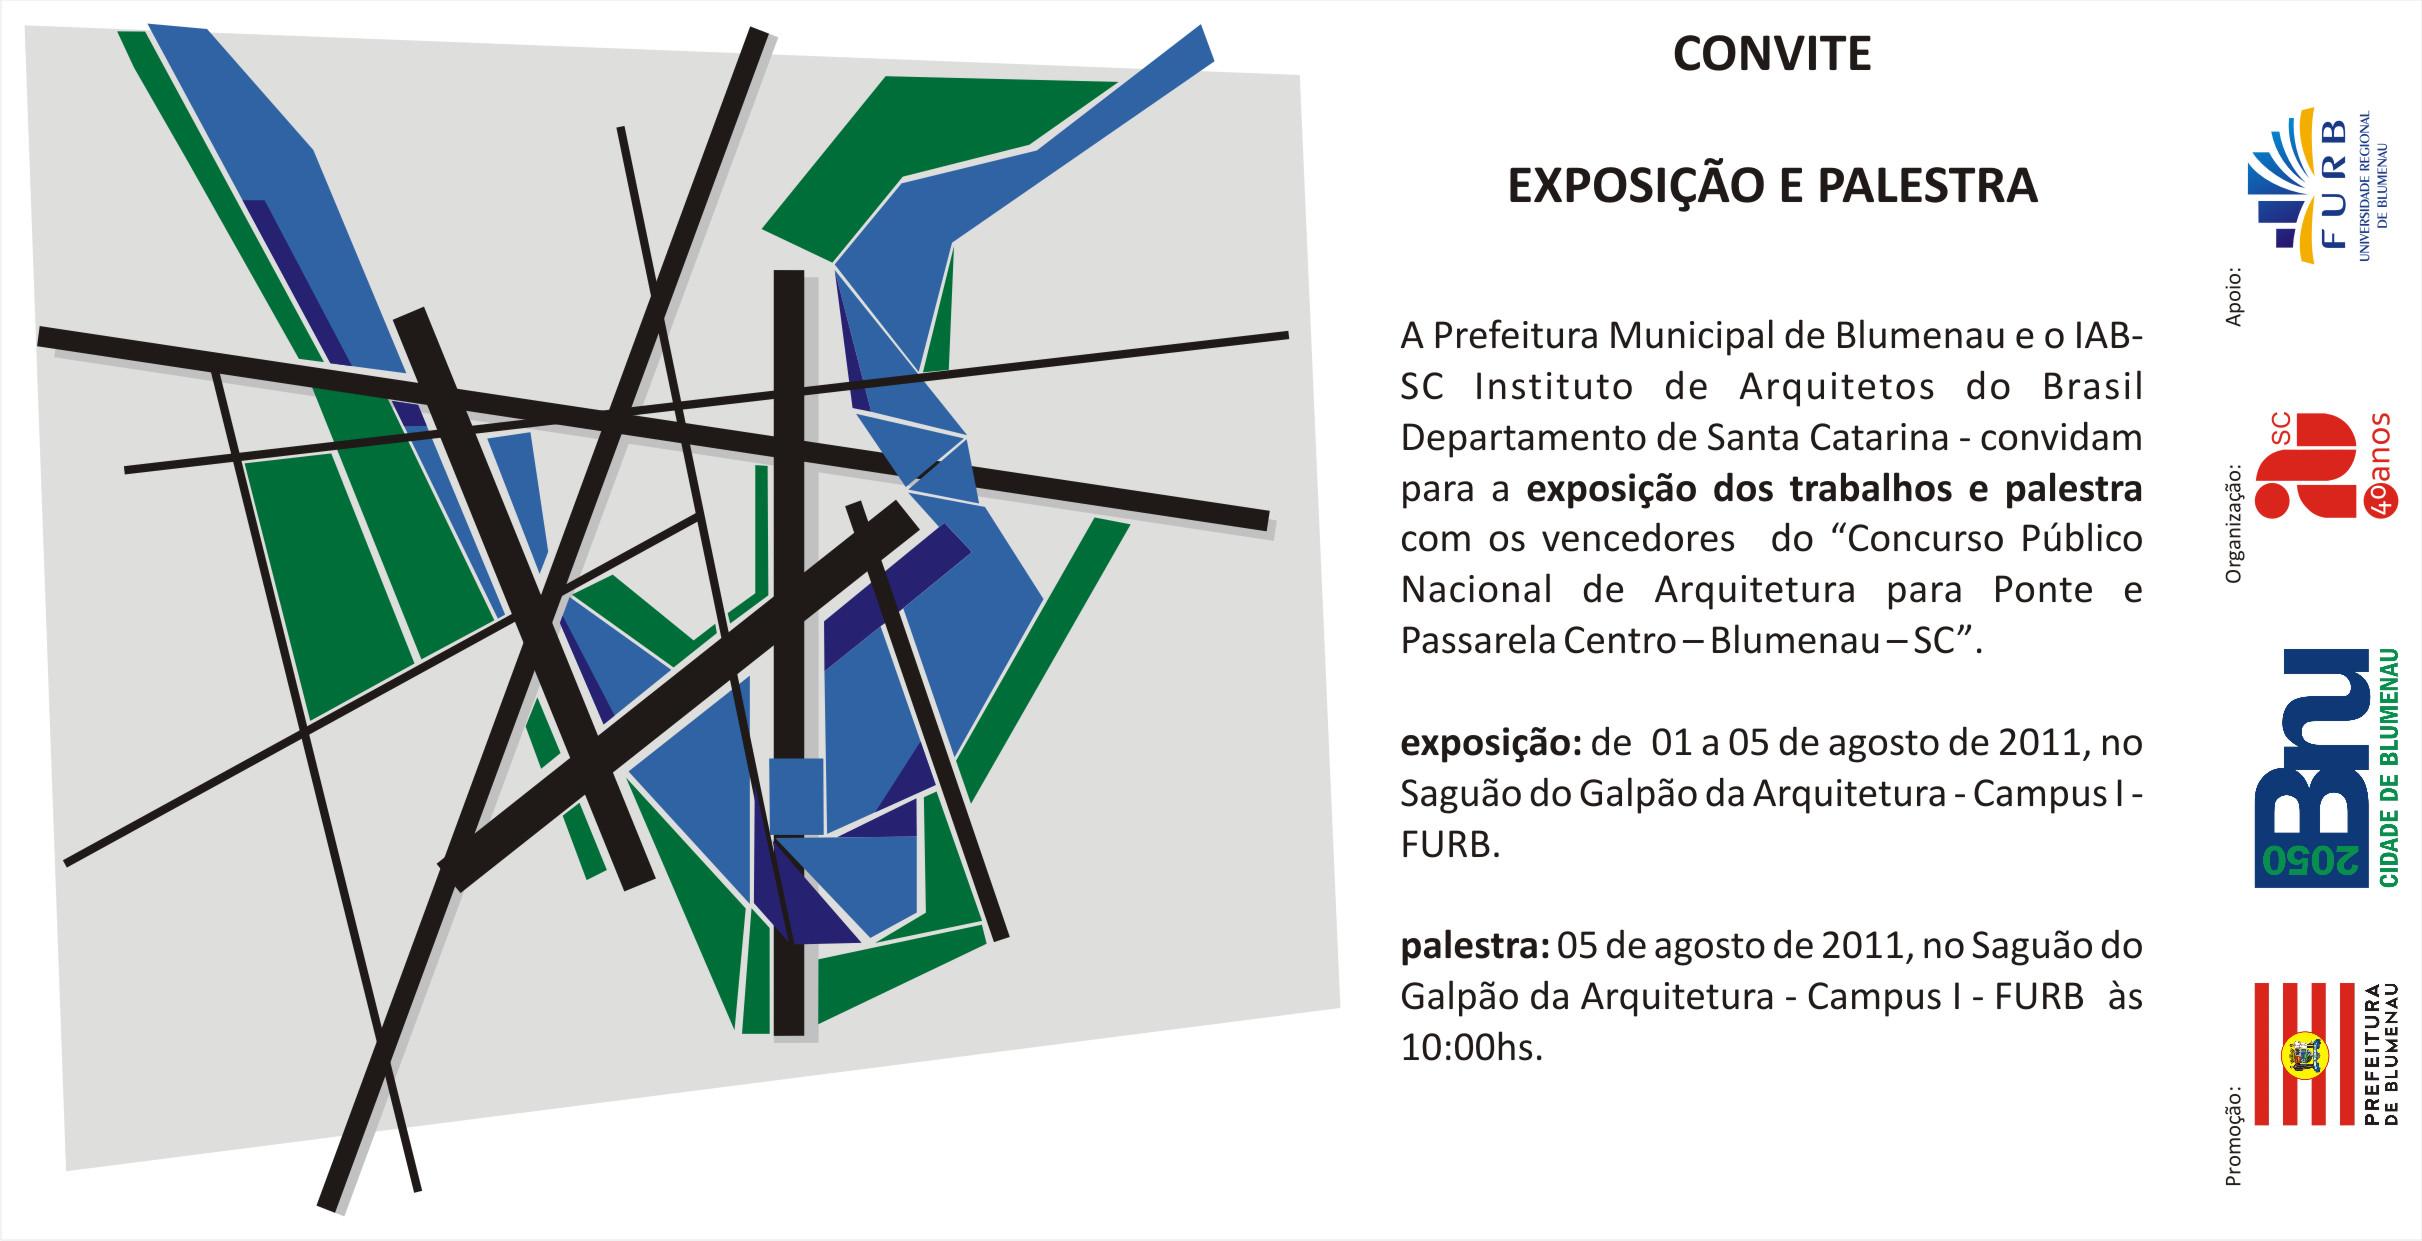 CONVITE EXPOSIÇÃO_concurso_IAB-SC_FURB